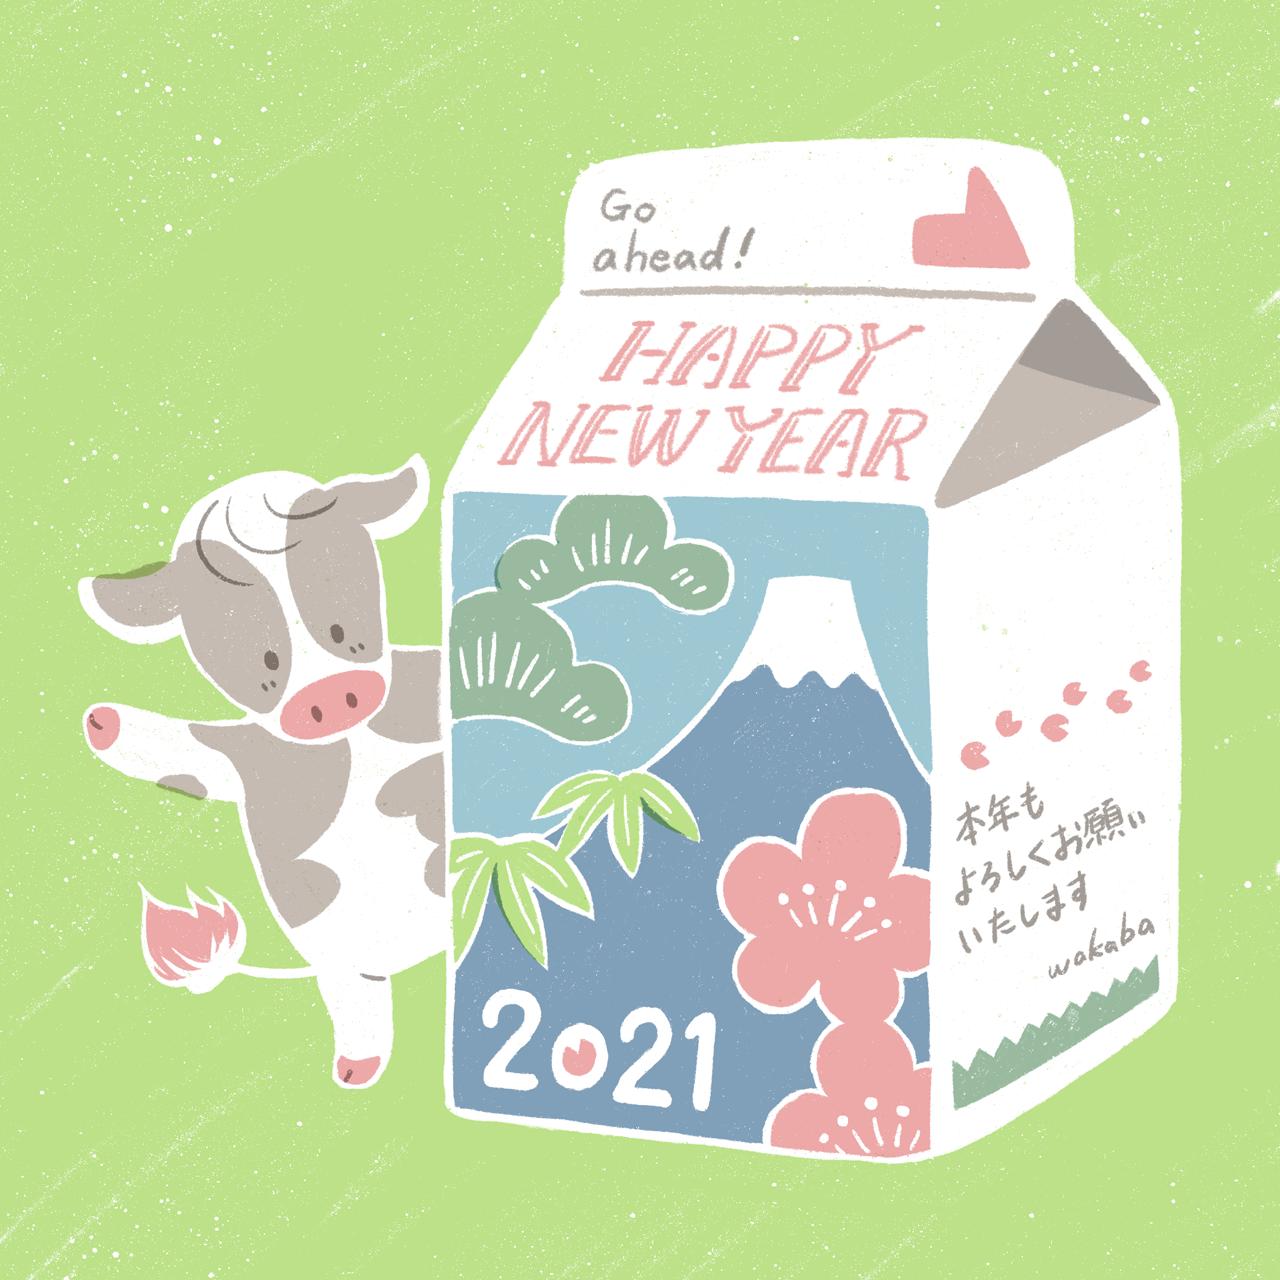 丑年の年賀状イラスト:Happy New Year